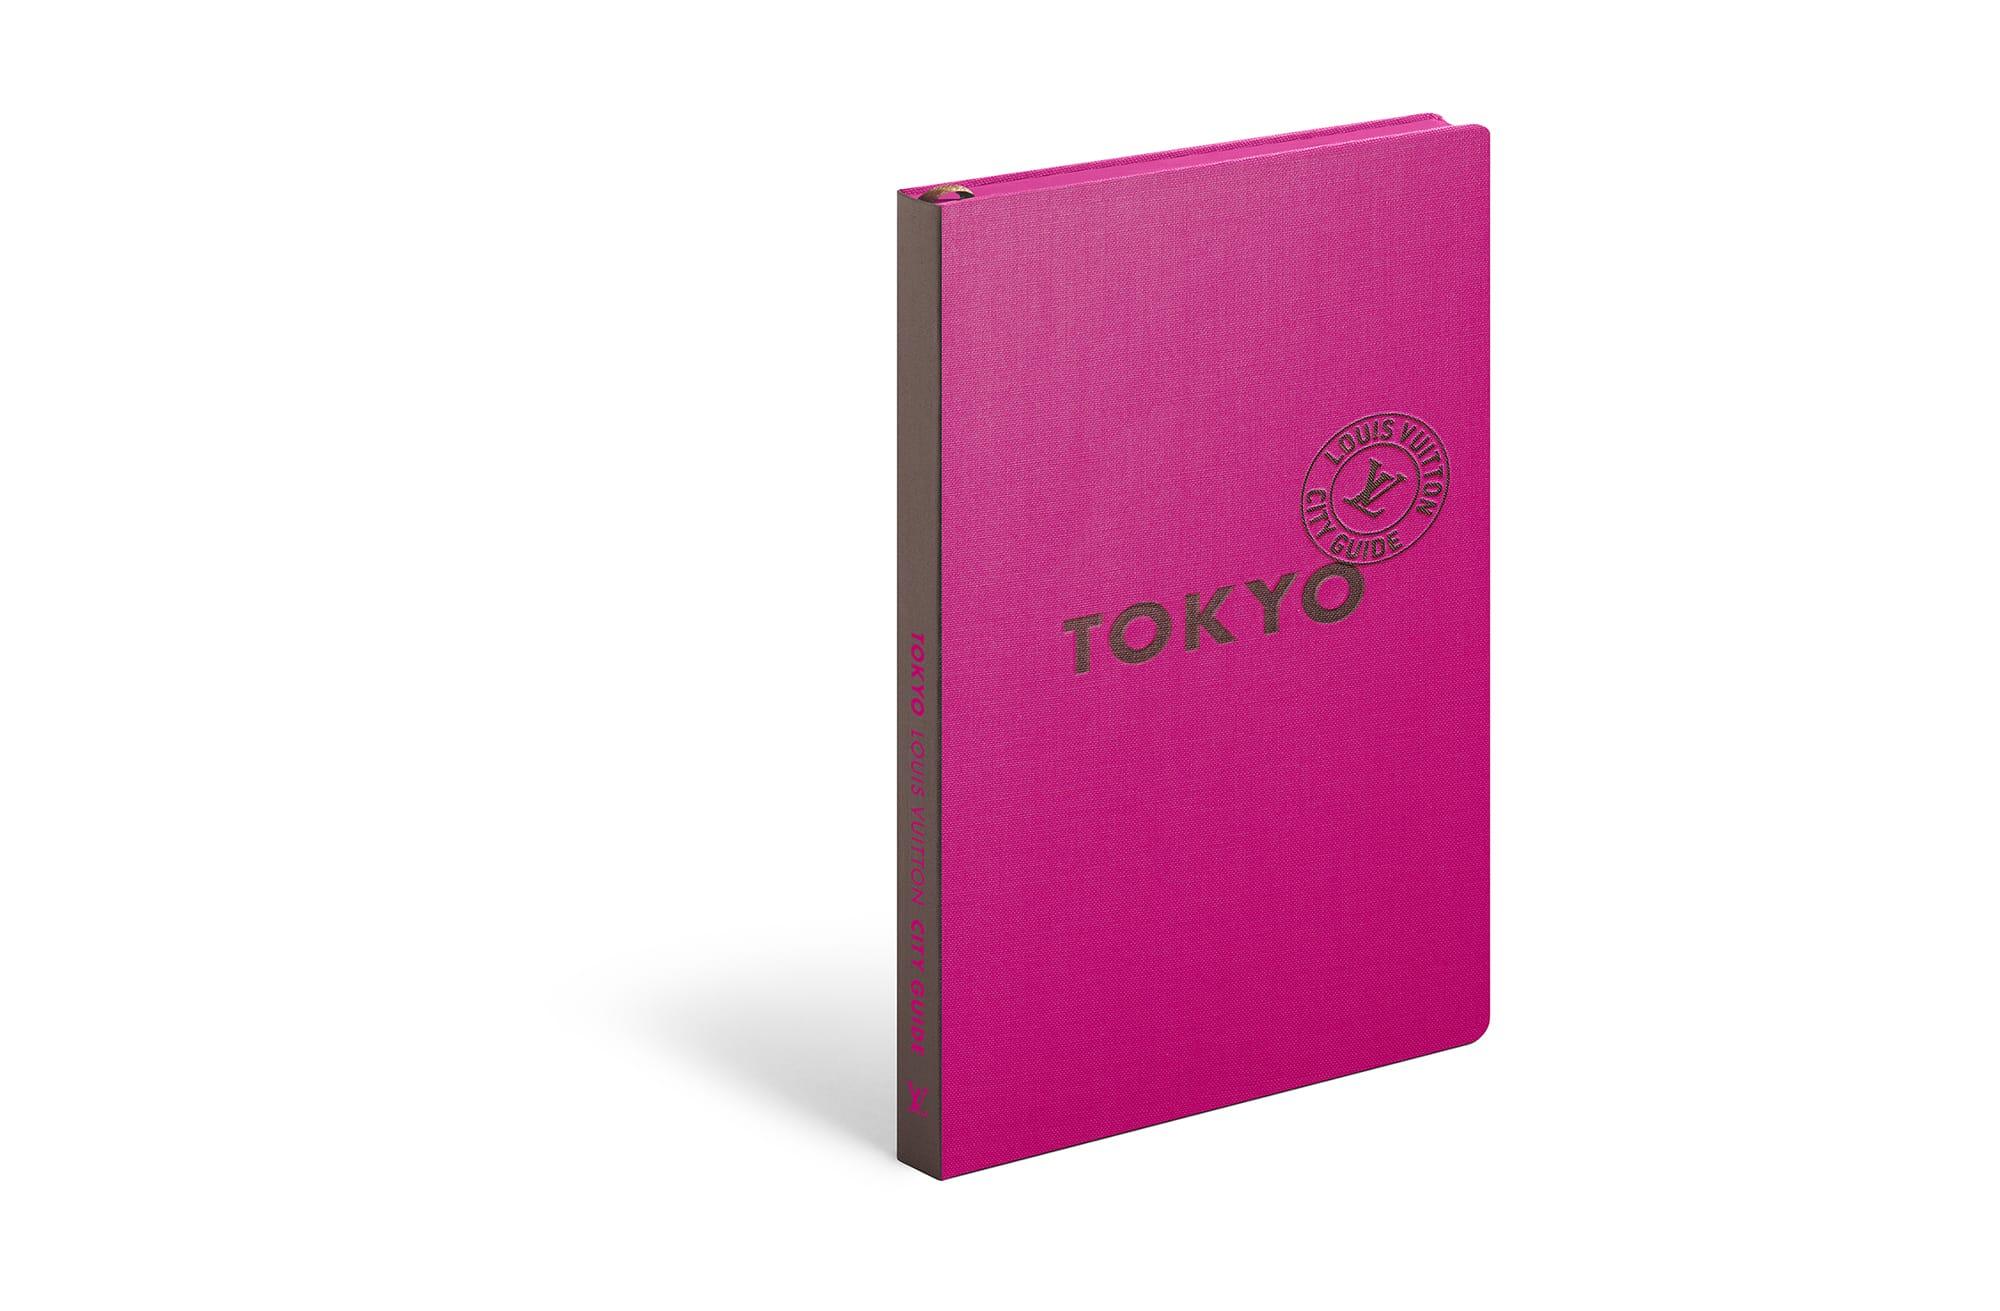 「シティ・ガイド 東京 英語版」では、ゲスト寄稿者として建築家・隈研吾を迎え、独自の視点で東京を案内する。